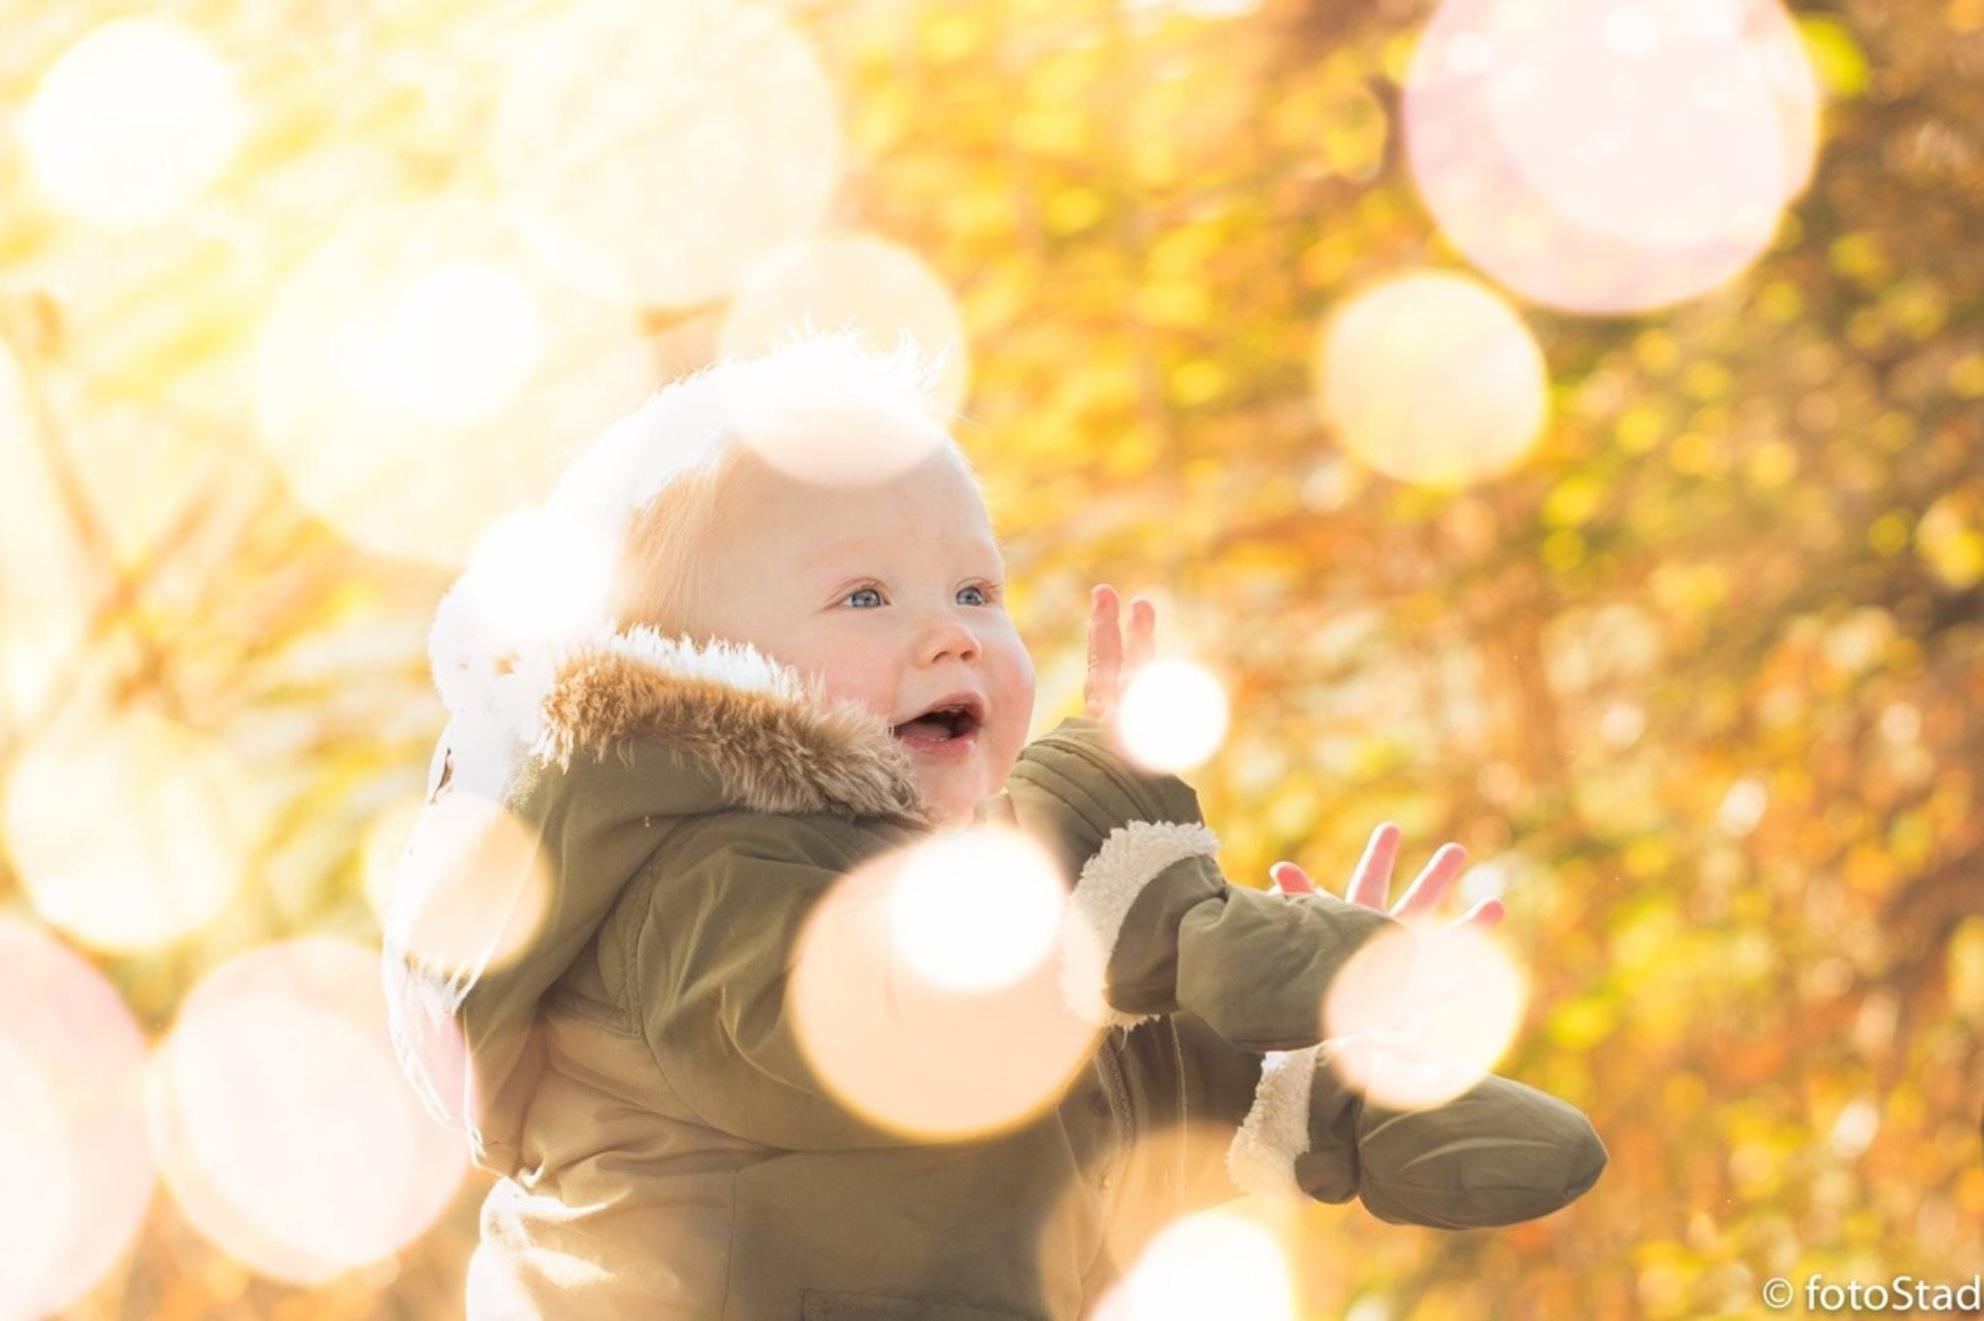 Happy child - Om dit vrolijke kinderportret iets extras te geven meerdere foto's over elkaar gelegd met bokeh lichtjes - foto door fotostad op 26-11-2017 - deze foto bevat: licht, portret, kind, bewerking, sfeer, photoshop, bokeh, scherpte diepte, meerdere foto's - Deze foto mag gebruikt worden in een Zoom.nl publicatie